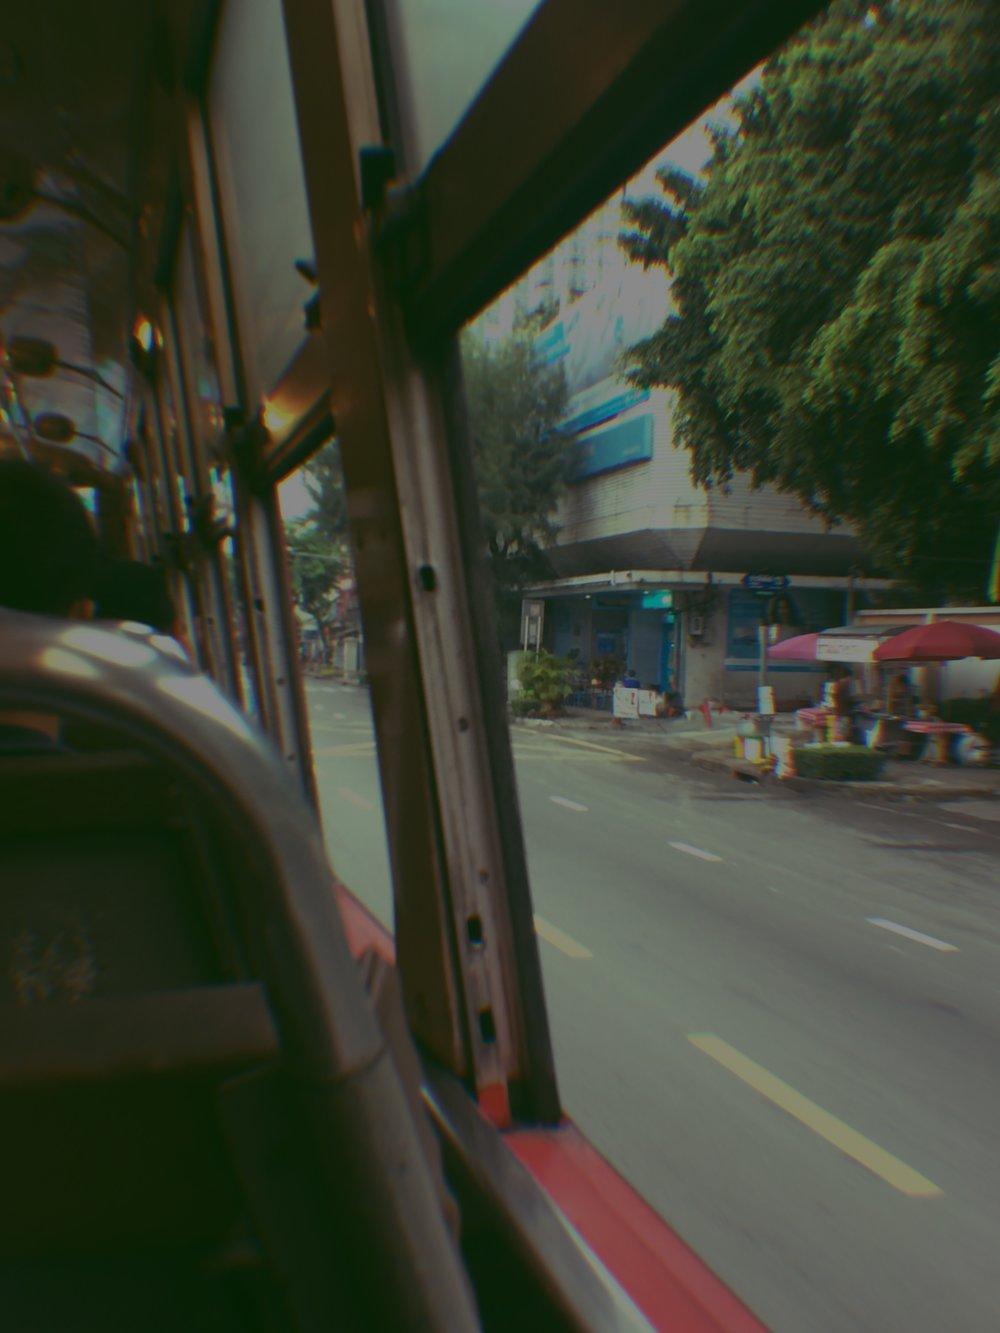 Early morning bus ride in Bangkok